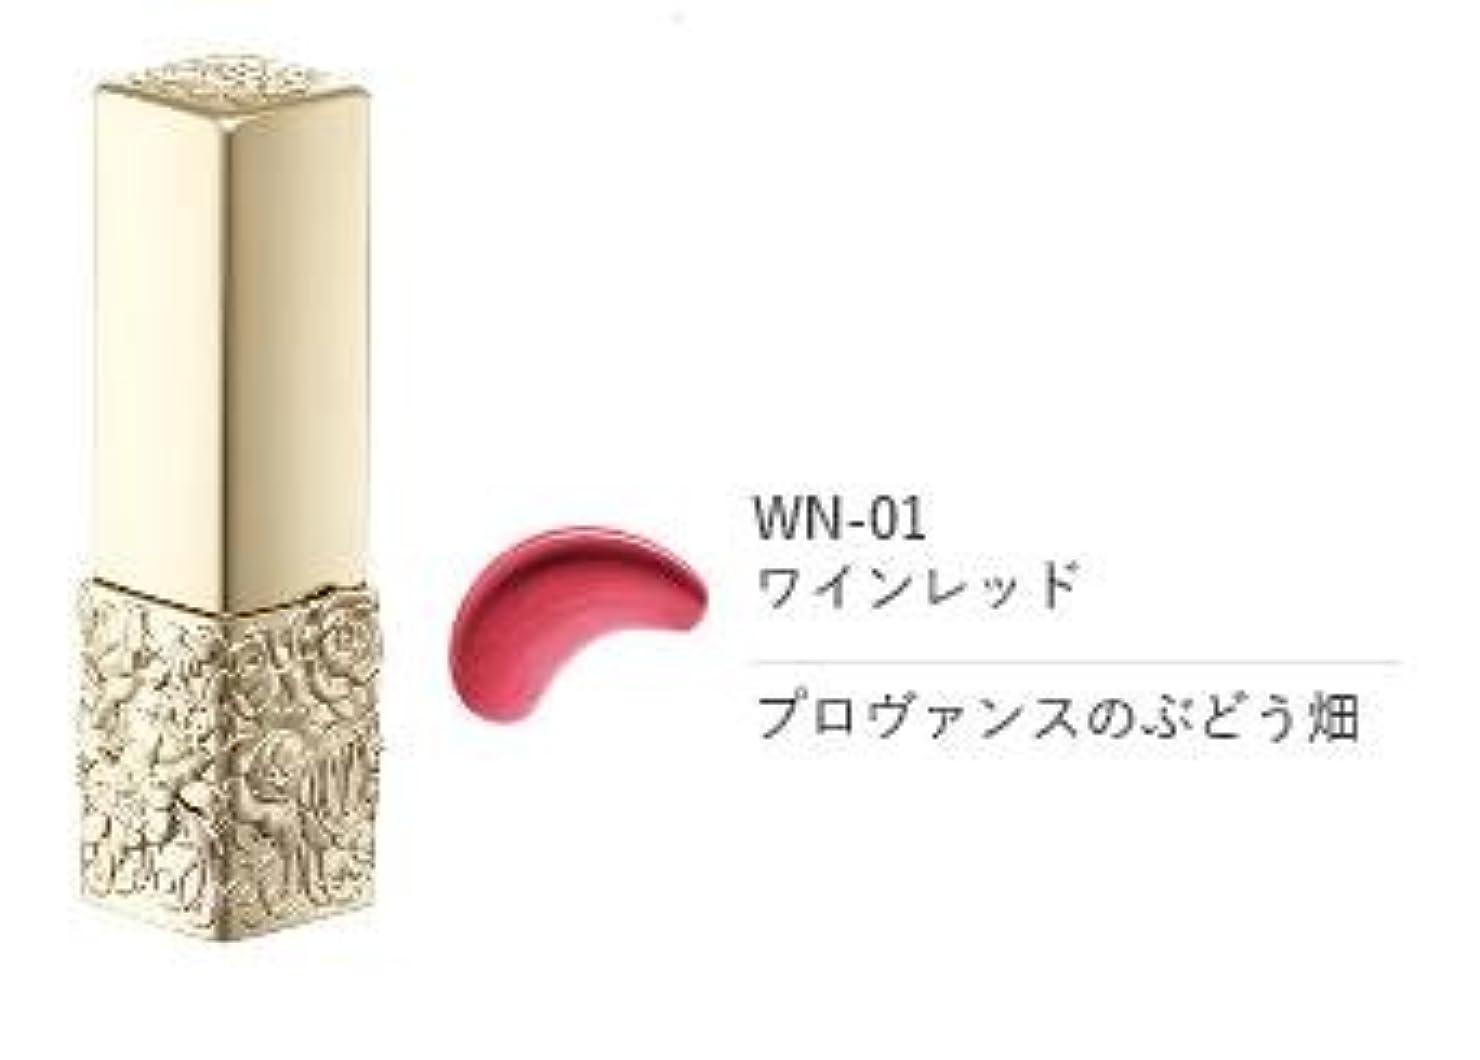 の先史時代の甘味トワニー ララブーケルージュグロッシー WN-01